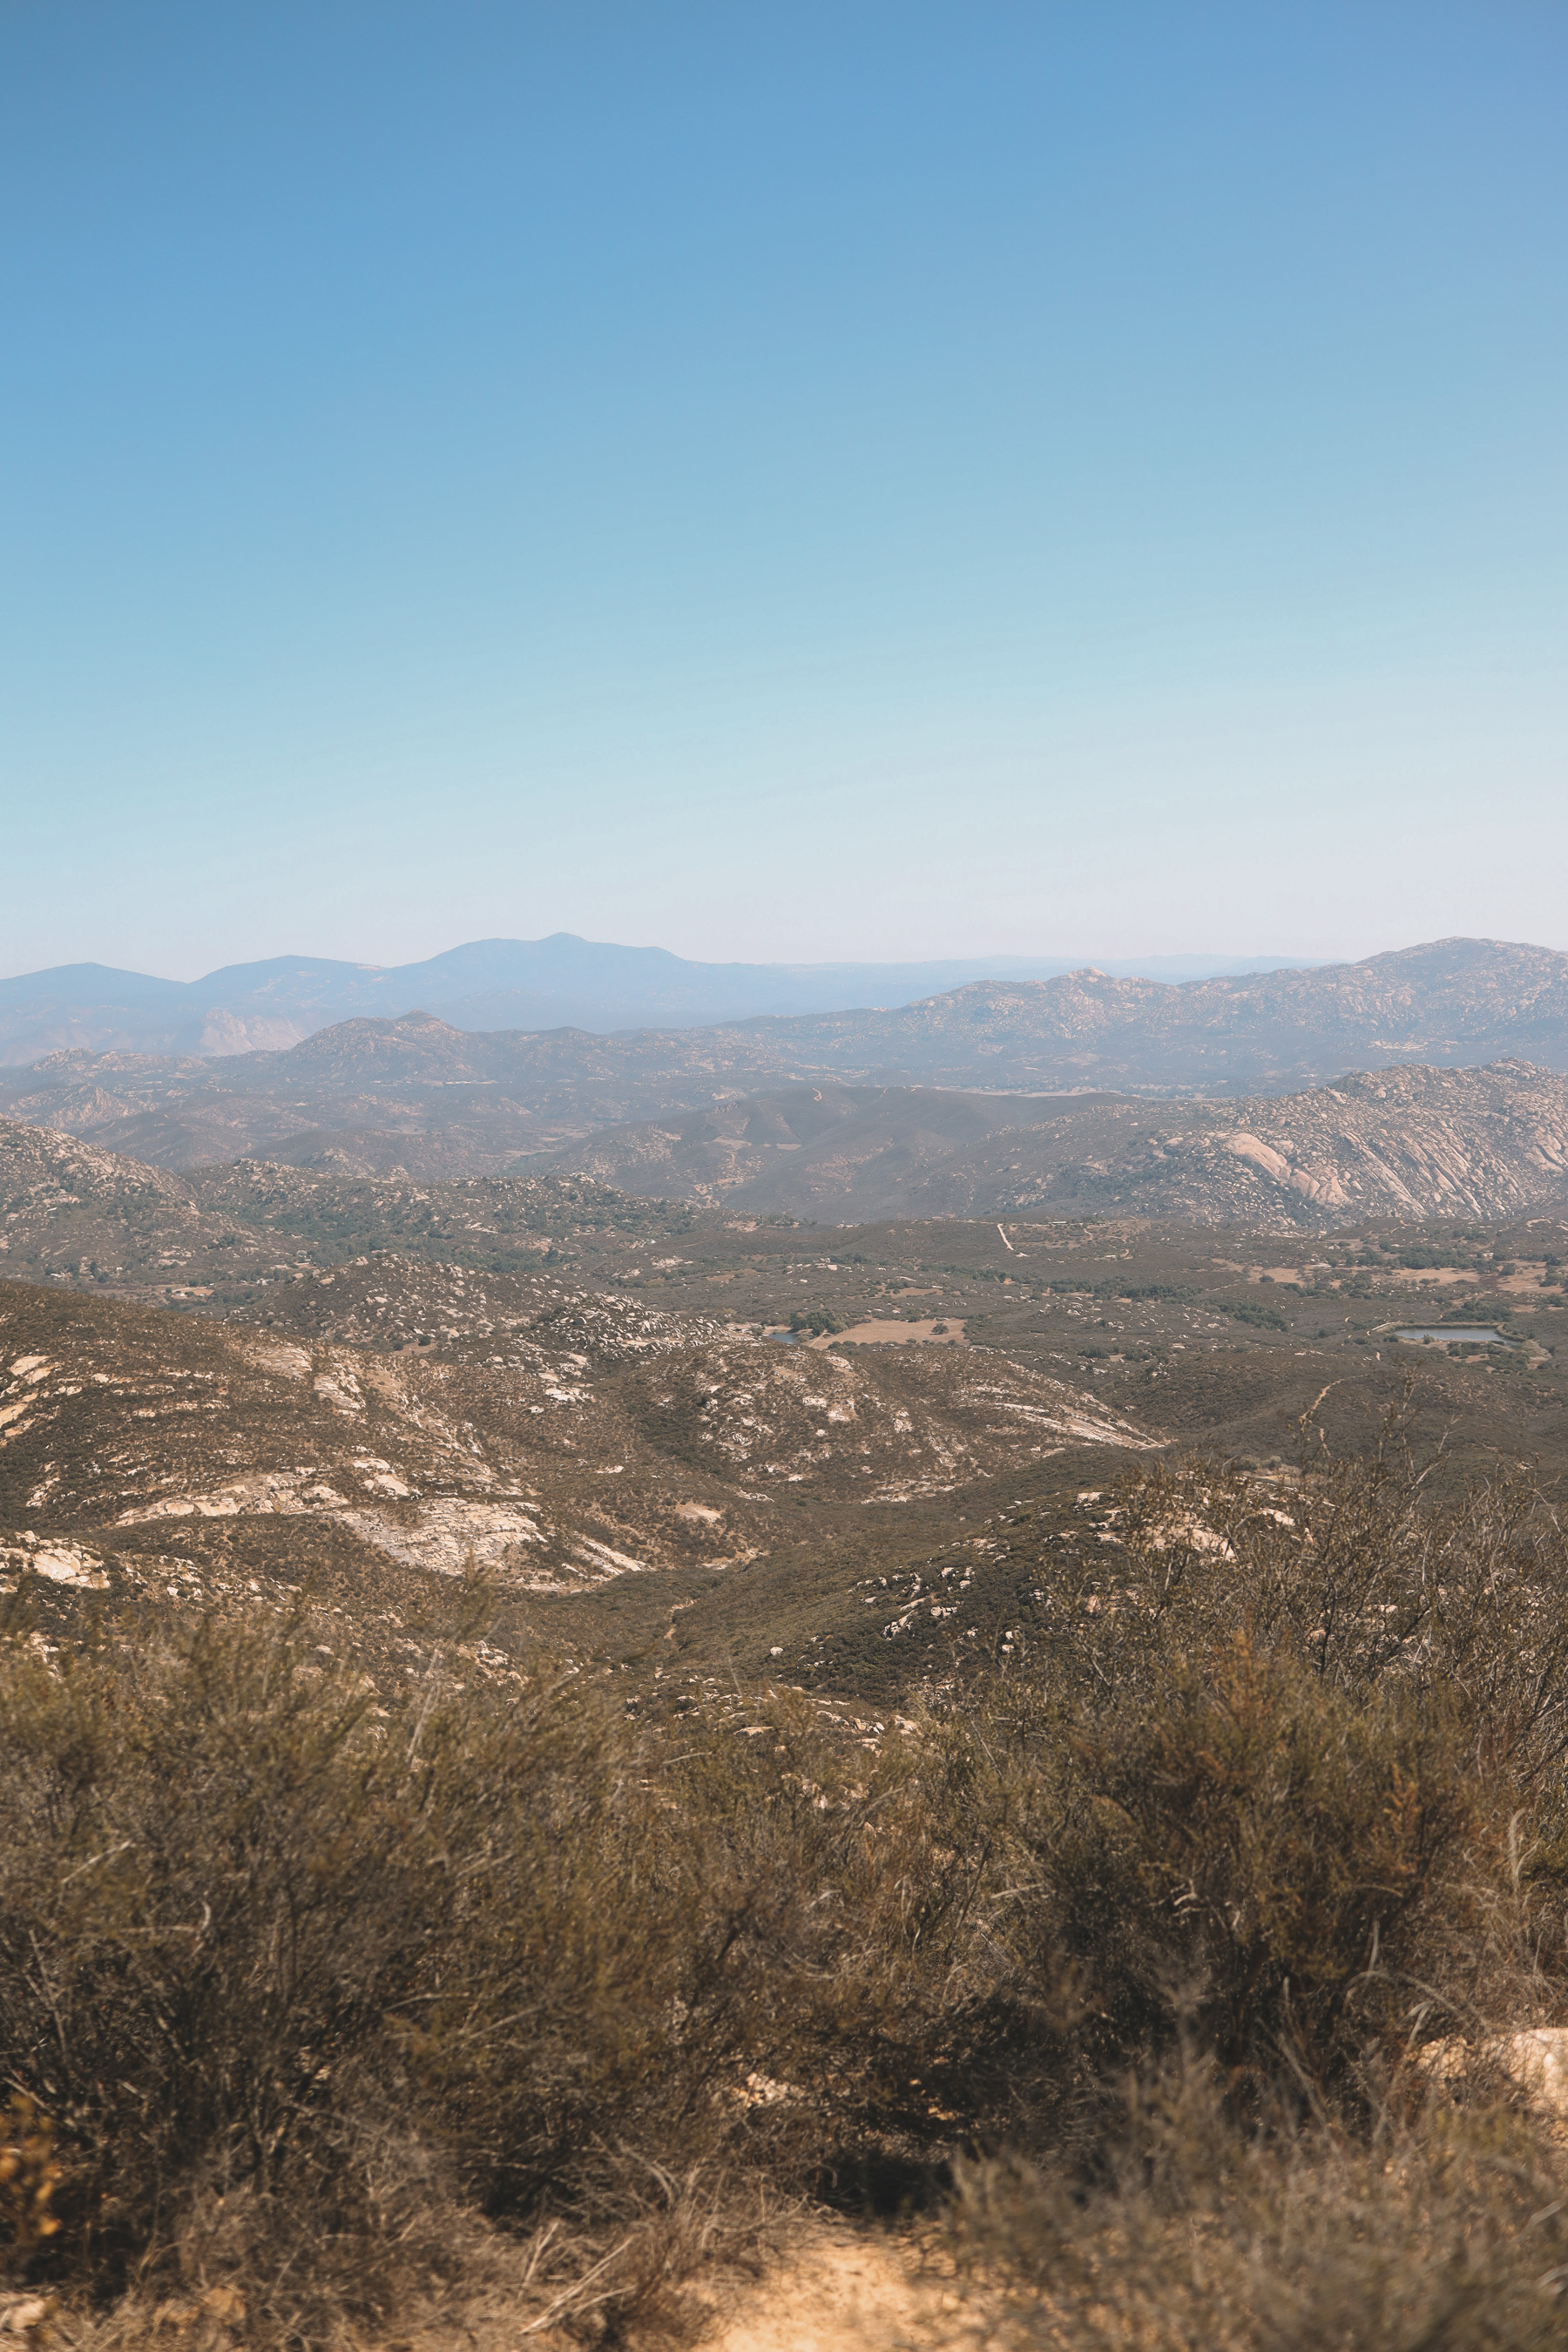 San Diego hike spots